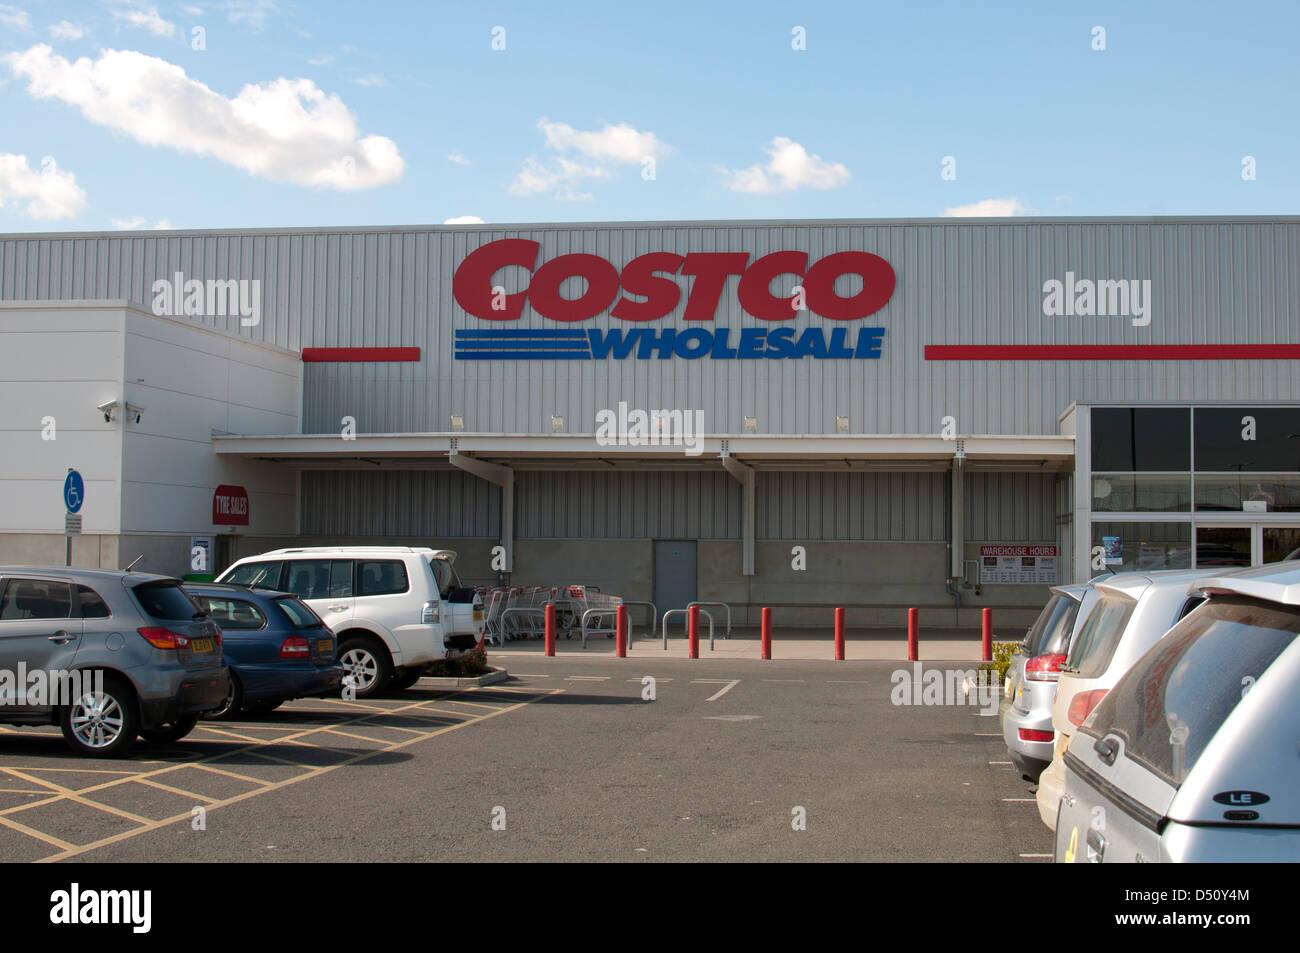 b189352736 Costco Wholesale Stock Photos   Costco Wholesale Stock Images - Alamy